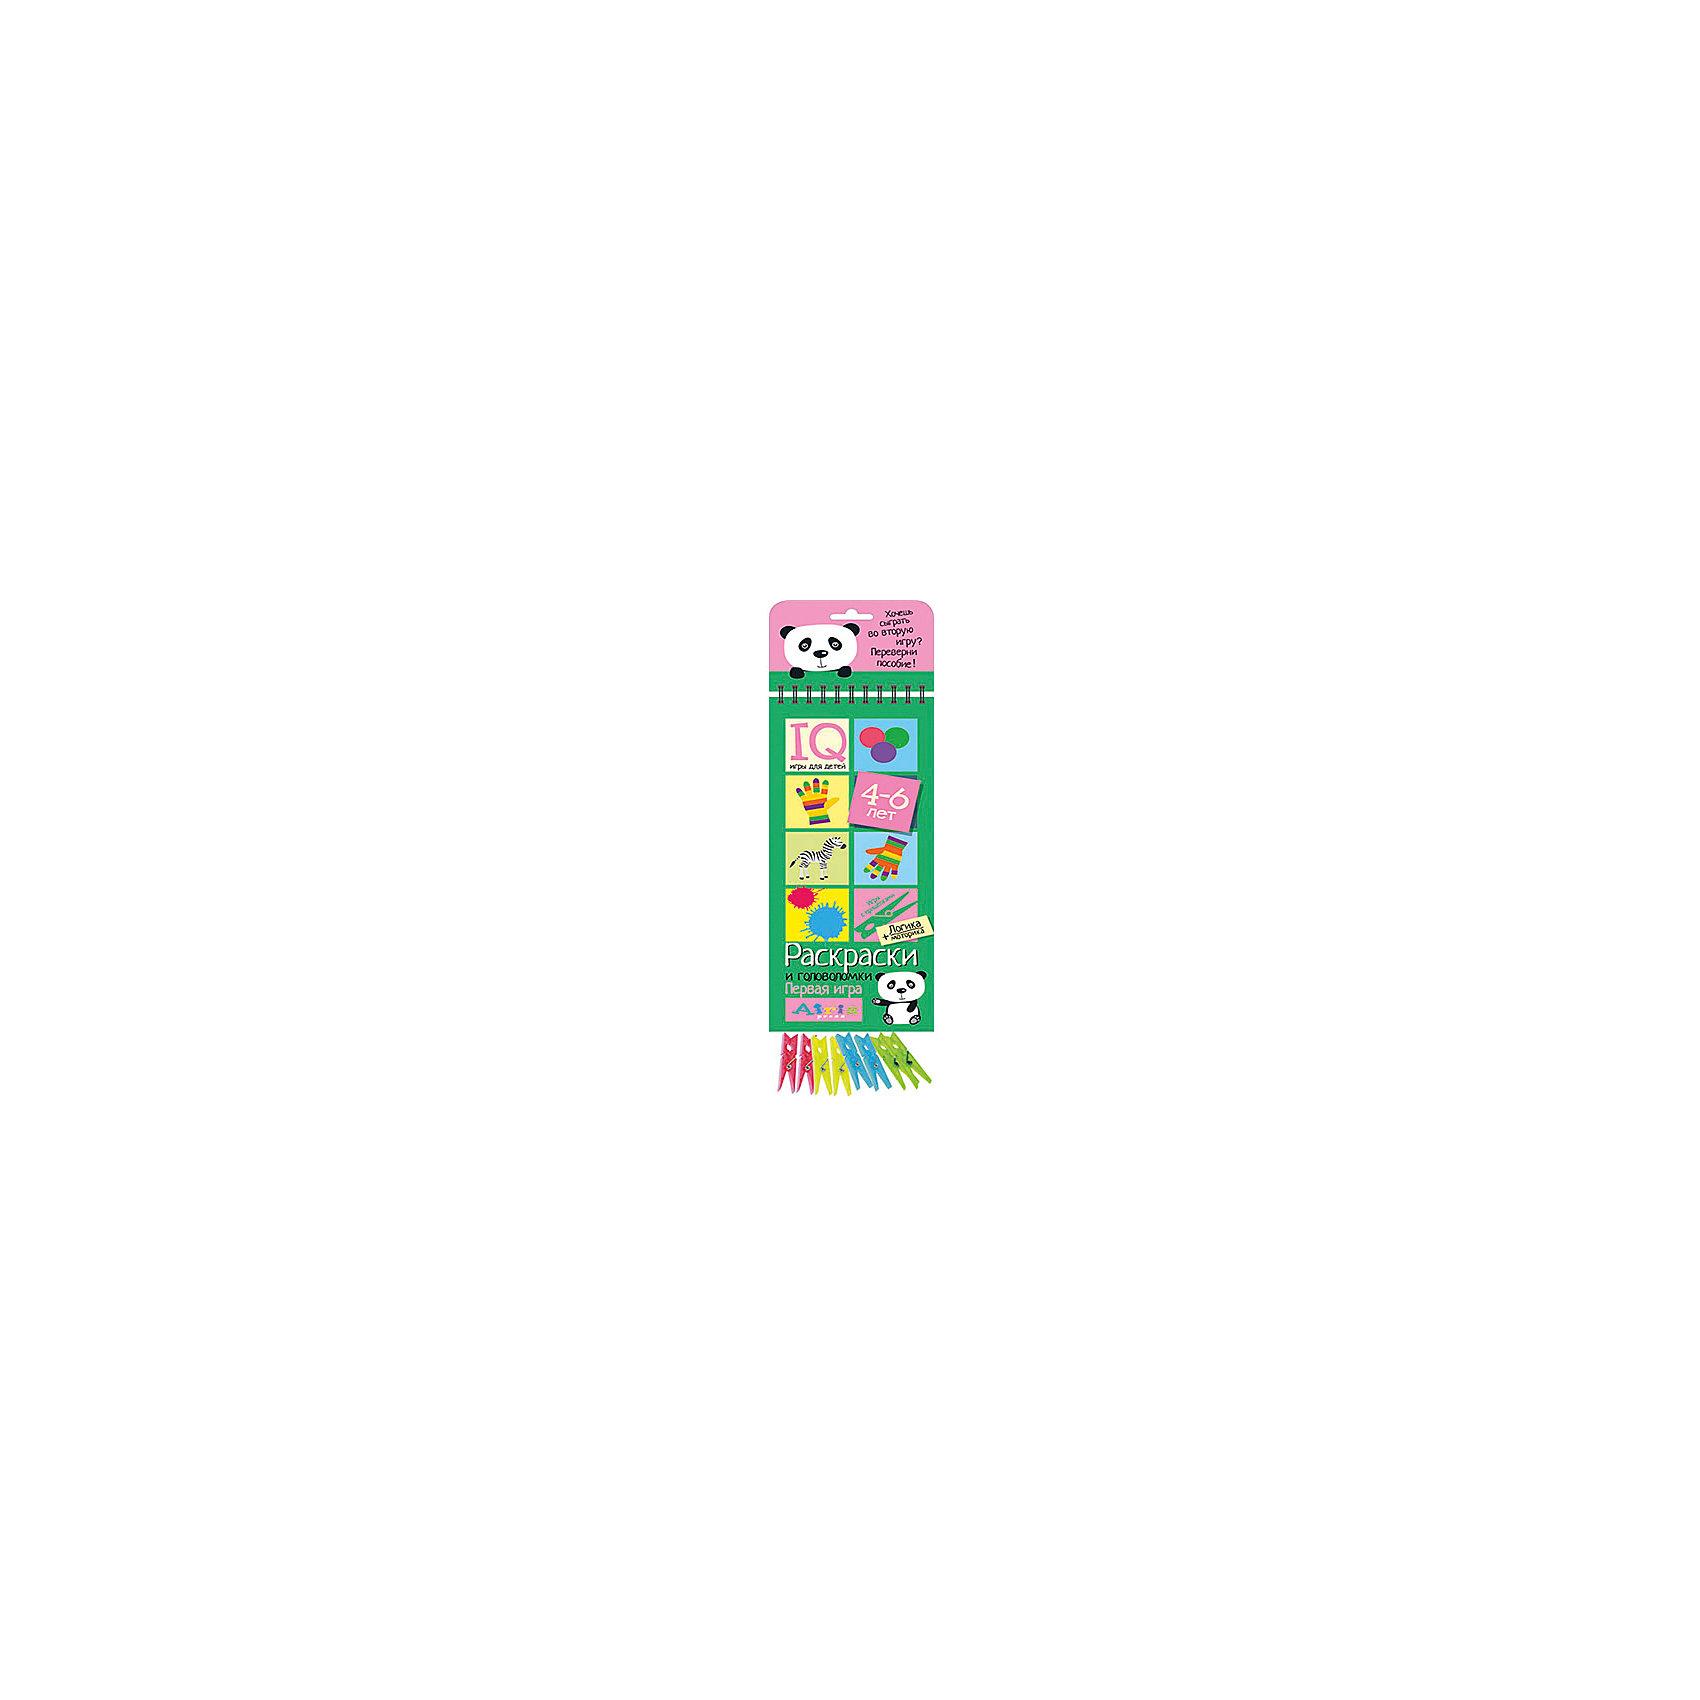 Игры с прищепками Раскраски и головоломкиКниги для развития мышления<br>Характеристики товара:<br><br>• возраст: от 4 лет<br>• комплектация: блокнот на пружине, состоящий из 30 картонных карточек; 8 разноцветных прищепок.<br>• производитель: Айрис-пресс<br>• серия: IQ игры<br>• иллюстрации: цветные<br>• размер блокнота: 23,5х9,5х1,5 см.<br>• размер прищепки: 3,5х0,5х1 см.<br><br>«Раскраски и головоломки» – это развивающий игровой комплект для тренировки способности ребёнка к восприятию цвета и цветовых сочетаний, а также развития логического мышления.<br><br>Комплект представляет собой небольшой блокнот на пружине, состоящий из 30 картонных карточек, и 8 разноцветных прищепок.<br><br>На красочных станицах блокнота в два столбика расположены карточки с рисунками. У каждой карточки есть своя логическая пара. Задача ребенка – найти парные картинки и прикрепить к ним прищепки одного цвета, располагая их в округлых прорезях с боков карточек. Когда все задания на страничке выполнены, ребенок может самостоятельно проверить правильность решения. Для этого нужно перевернуть страницу и провести пальчиком по лабиринту на обратной стороне. Если линия соединяет прищепки одного цвета, значит задание выполнено, правильно.<br><br>Выполняя задания на карточках-страничках, ребёнок учится анализировать, сравнивать, искать логические связи. Прикрепляя прищепки и проходя лабиринты, он развивает моторику и координацию движений.<br><br>Простота и удобство комплекта позволяют использовать его в детском саду, дома и на отдыхе.<br><br>Игры с прищепками Раскраски и головоломки можно купить в нашем интернет-магазине.<br><br>Ширина мм: 15<br>Глубина мм: 95<br>Высота мм: 240<br>Вес г: 155<br>Возраст от месяцев: 48<br>Возраст до месяцев: 72<br>Пол: Унисекс<br>Возраст: Детский<br>SKU: 6849563